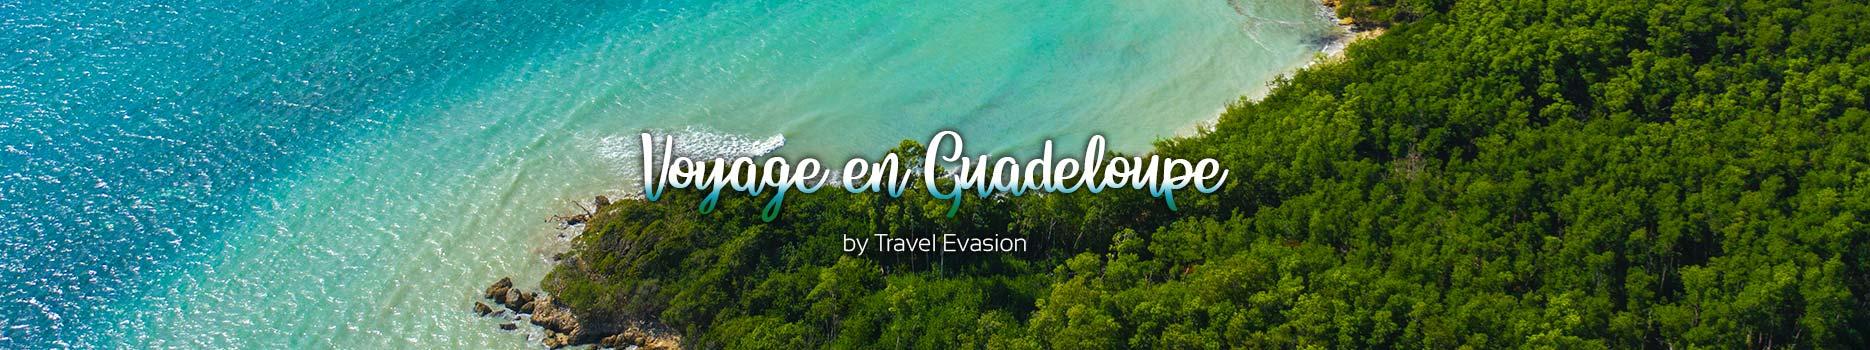 Voyage en Guadeloupe, Vacances aux Antilles géniales avec Travel Evasion